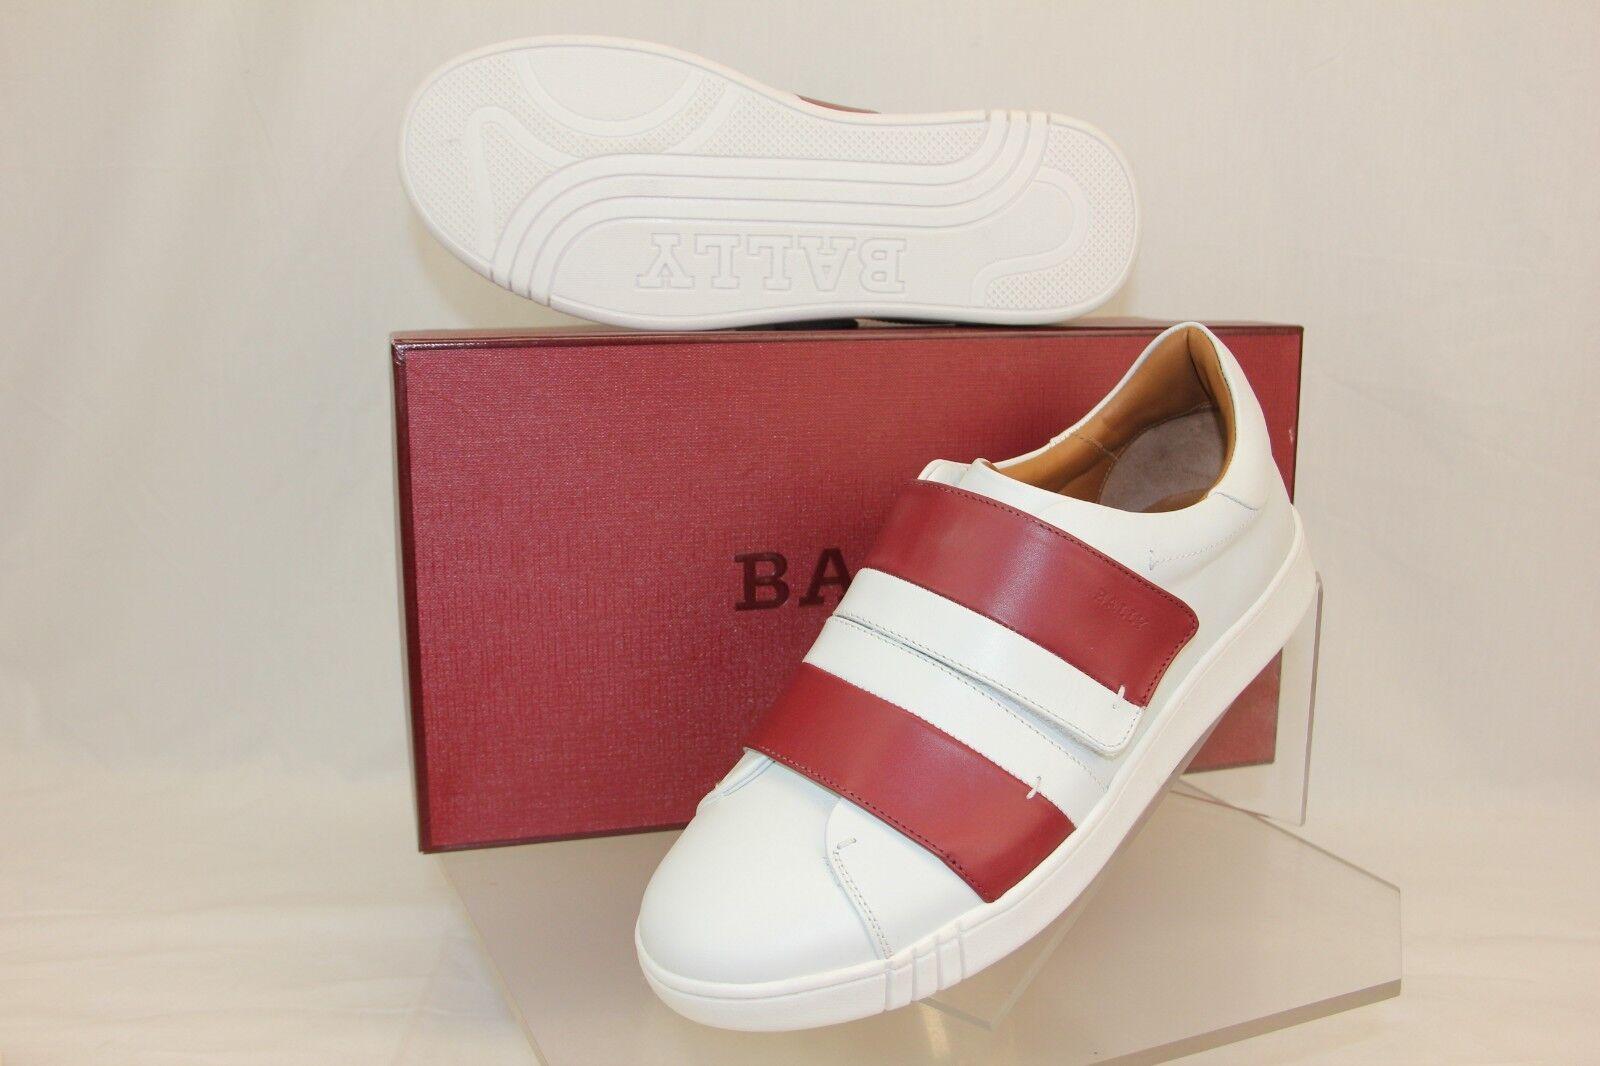 NIB NIB NIB BALLY WILLET bianca rosso LEATHER LOGO SWISS scarpe da ginnastica 13 US 46 ITALY fc30b0